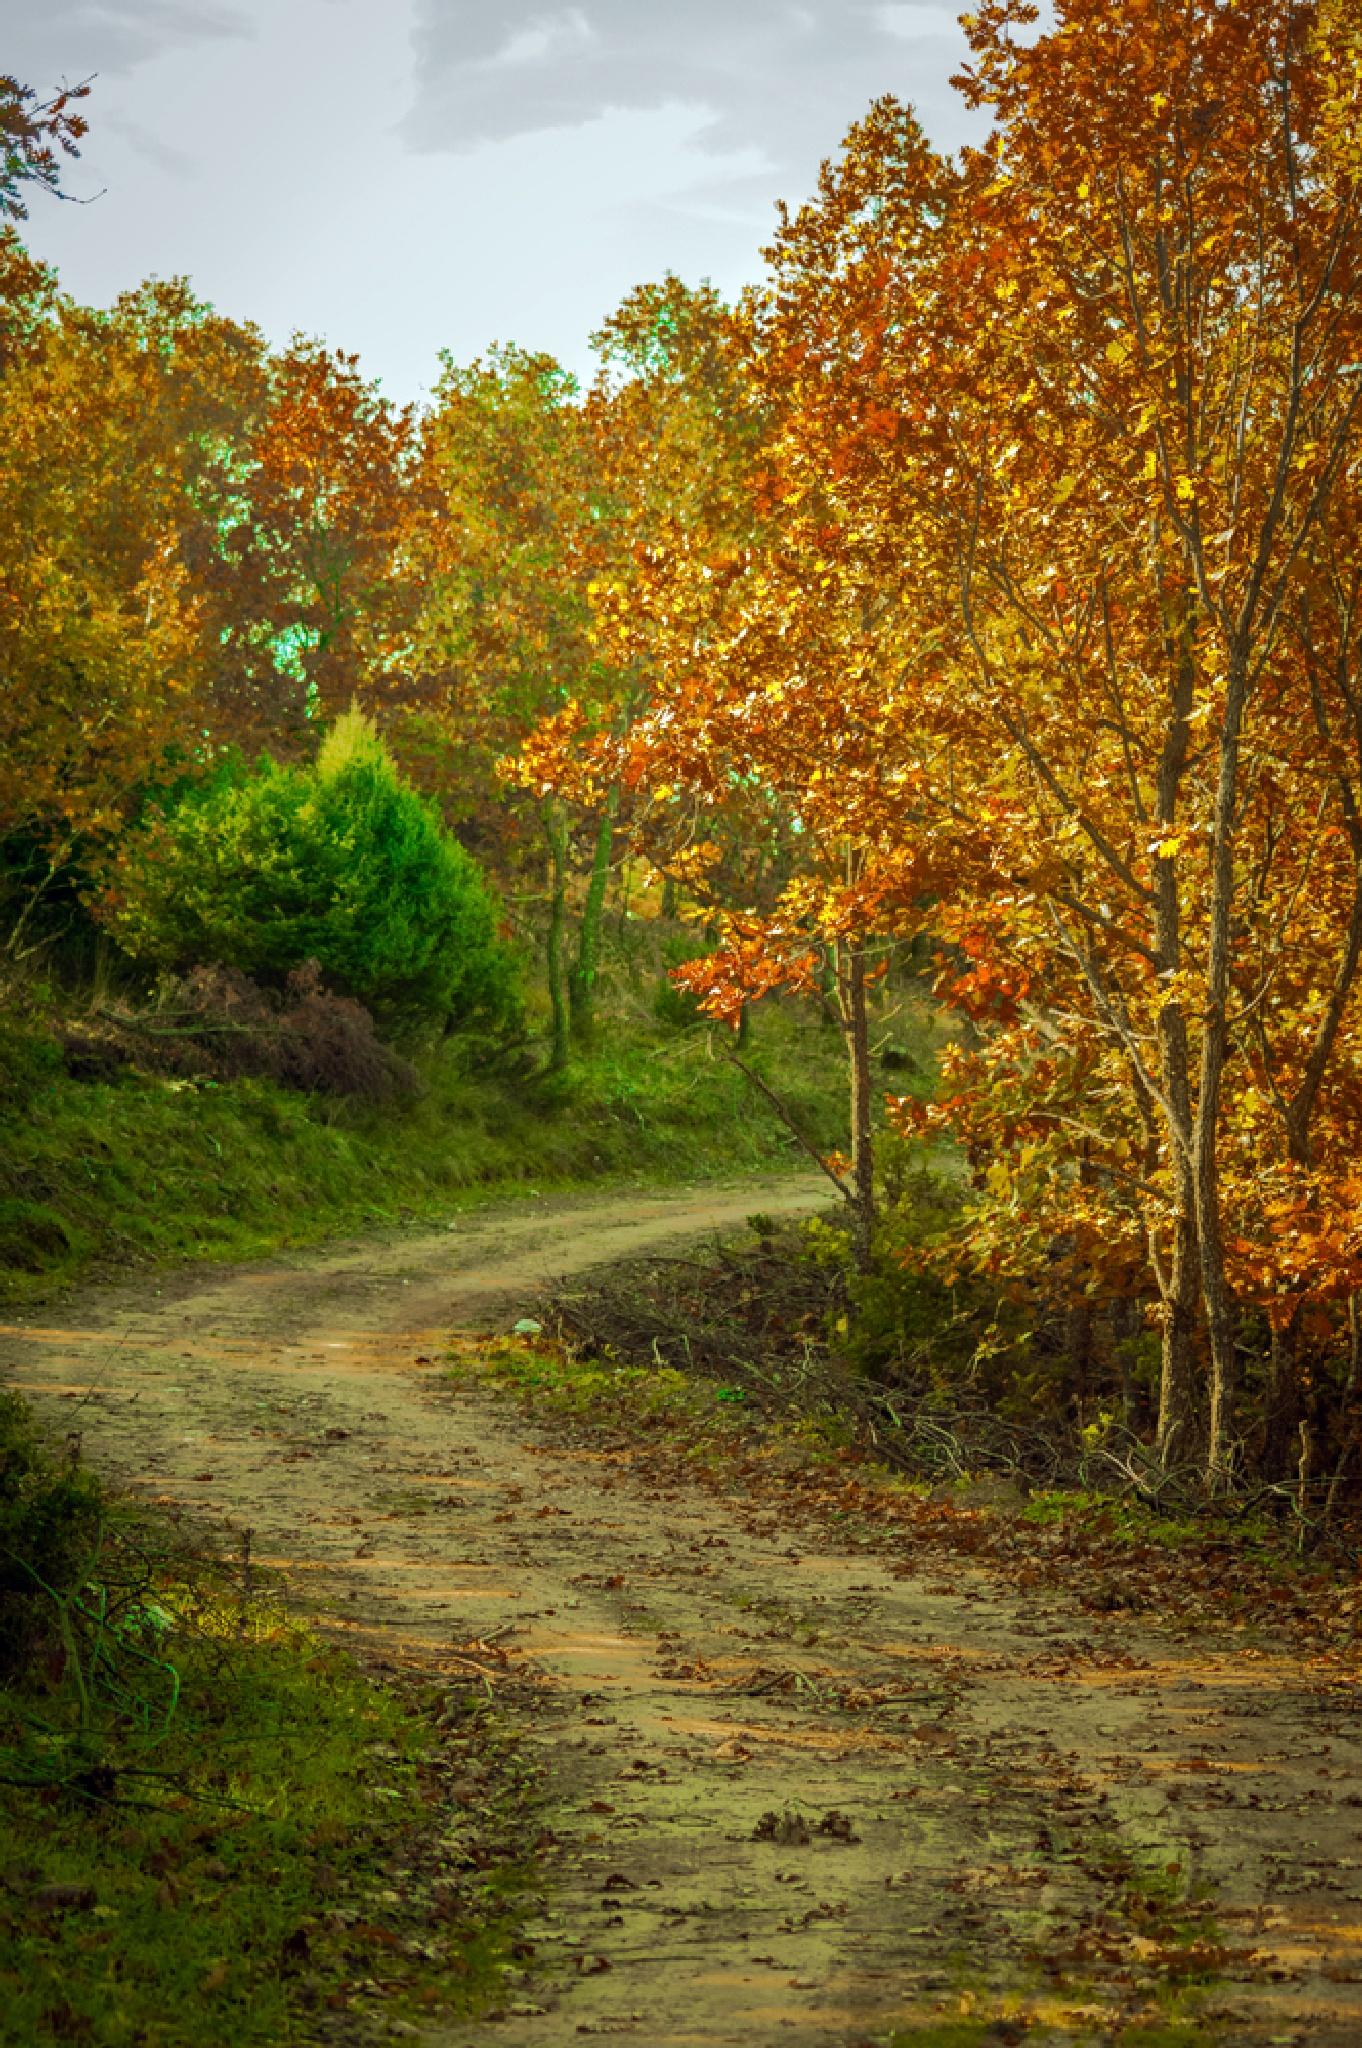 Autumn in forrest by joe.grammatikopoulos